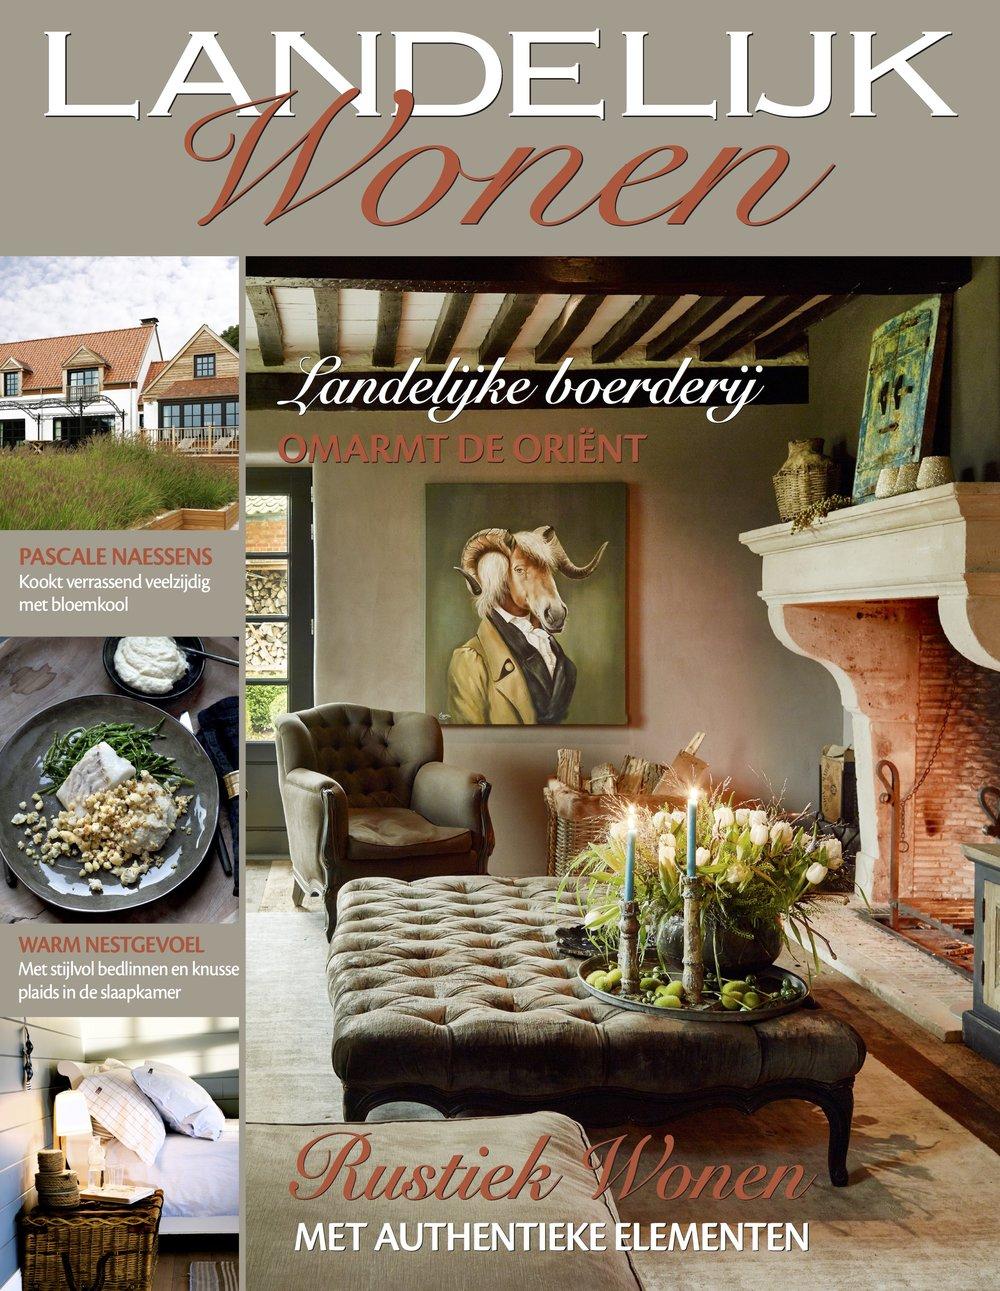 House with a view - Landelijk wonen, nr 1 Feb-Mrt 2017